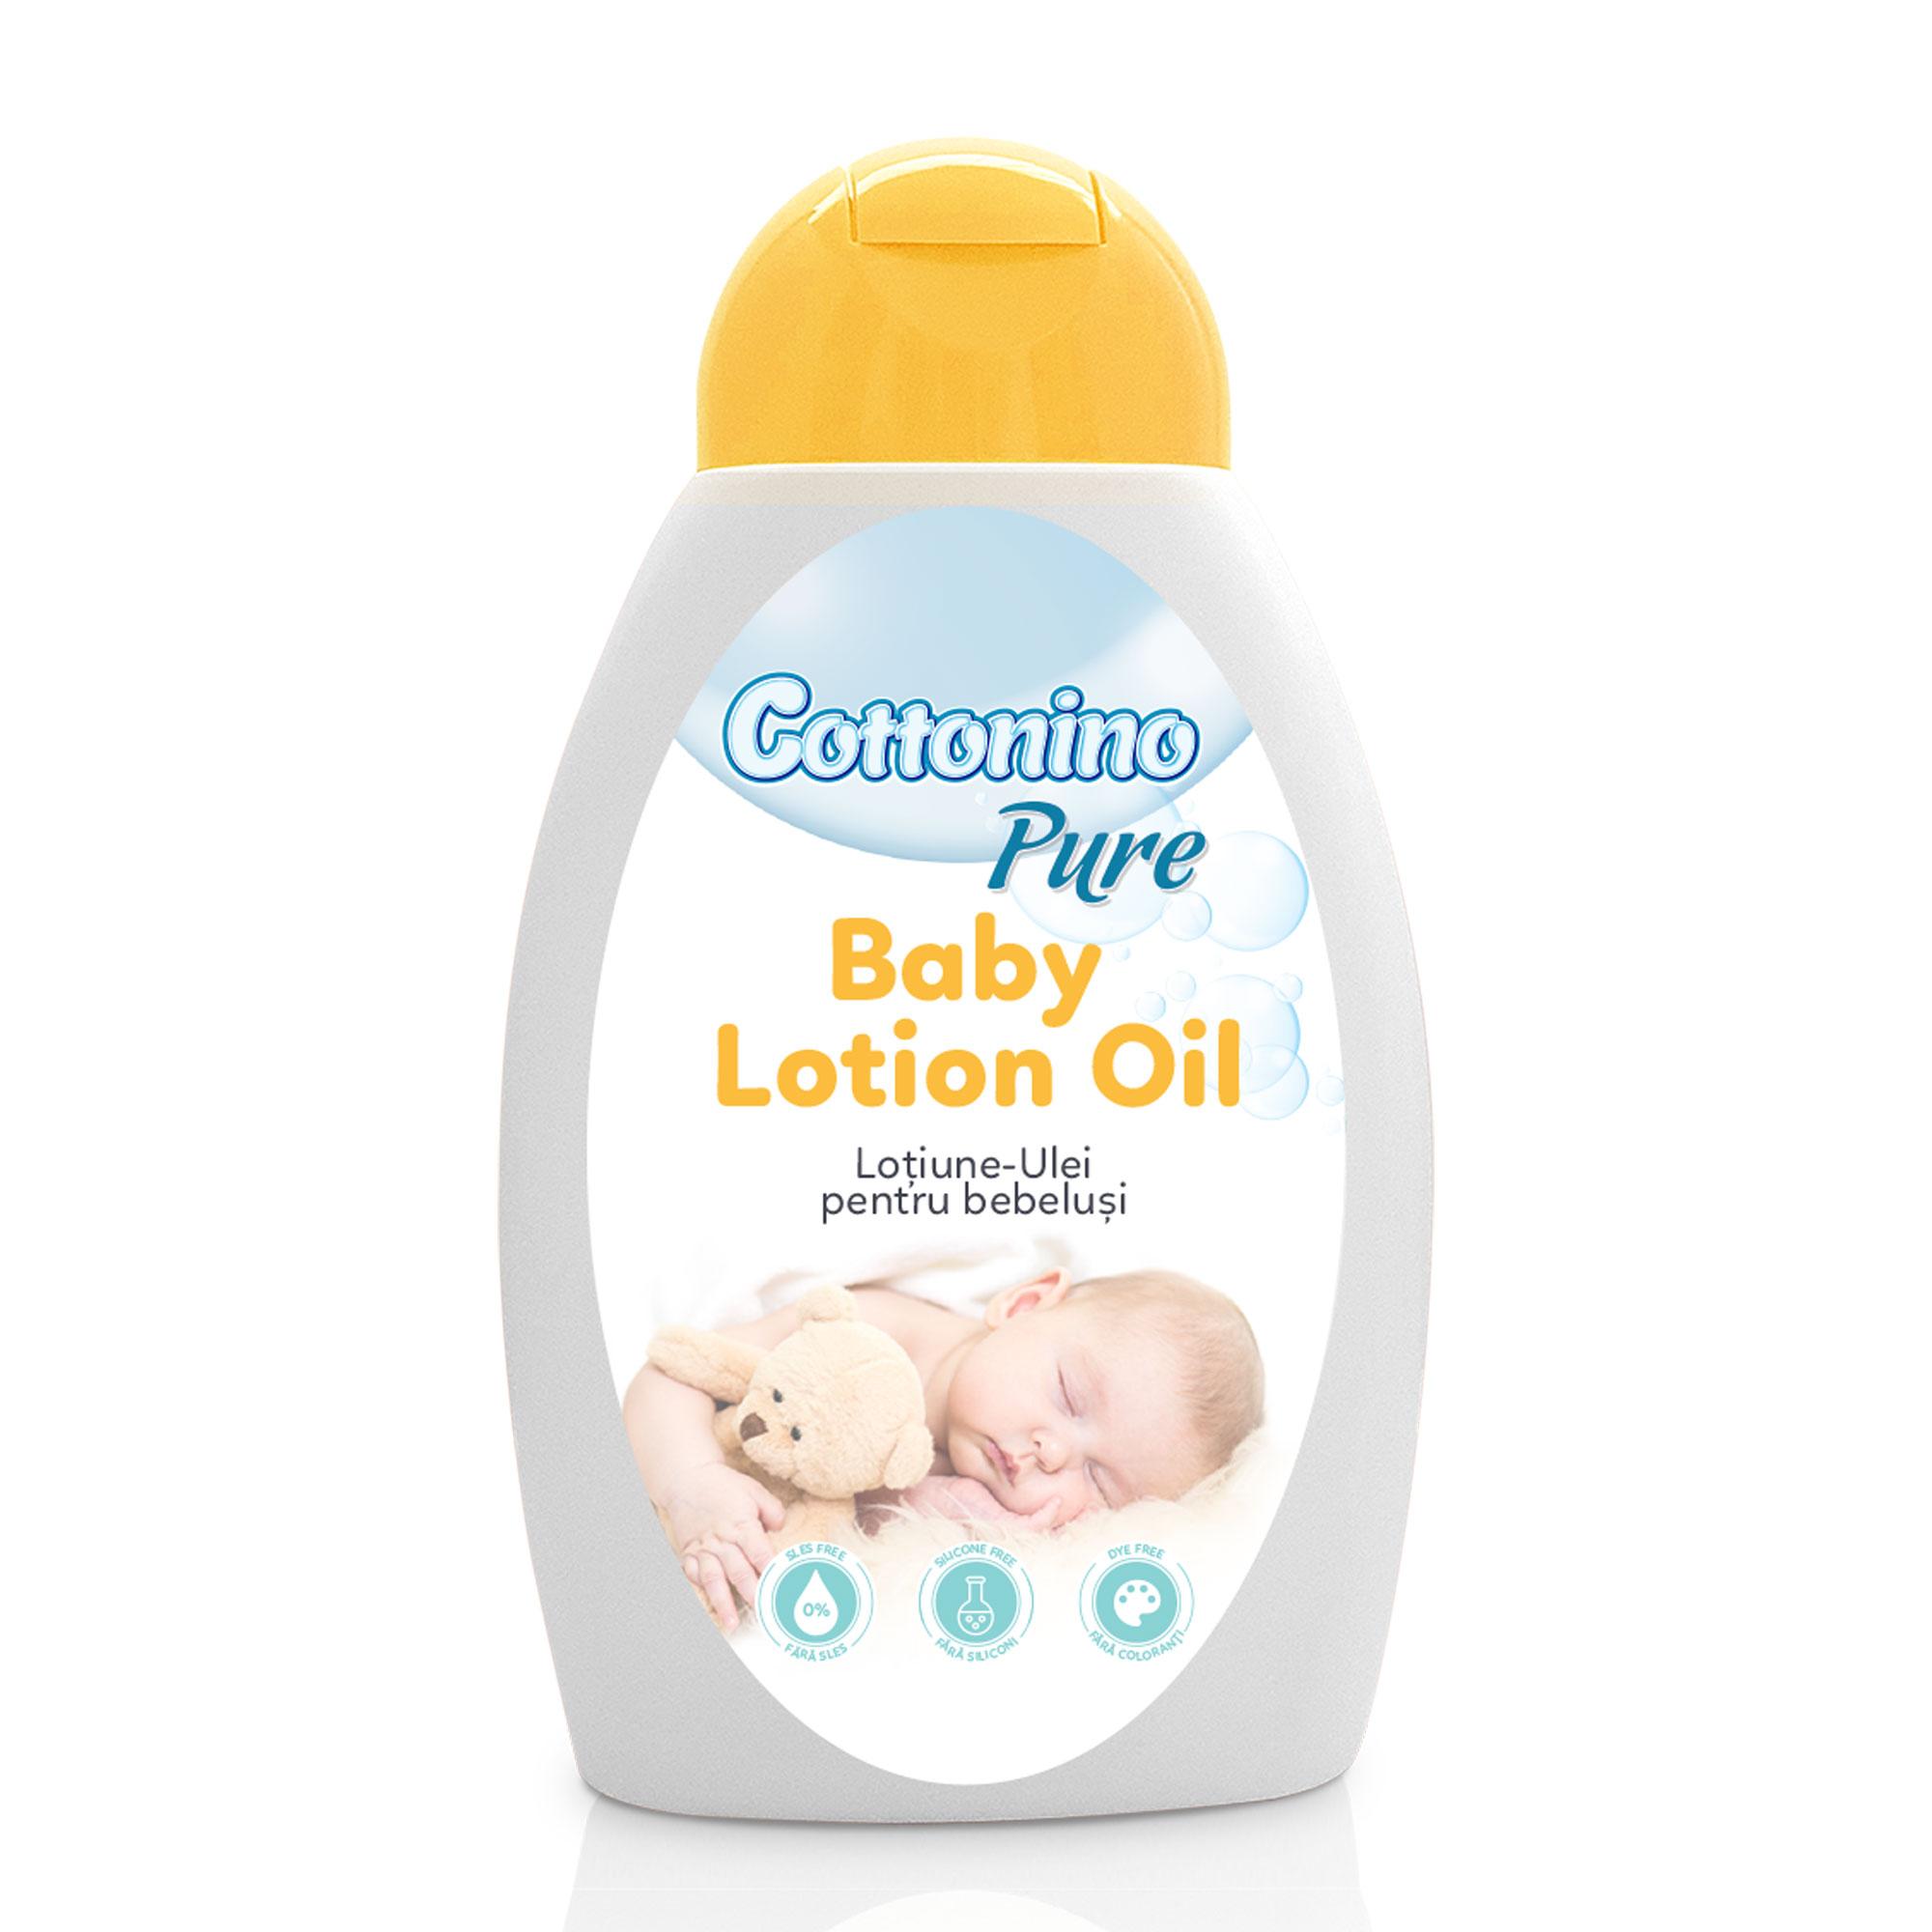 Cottonino Pure Lotiune-Ulei pentru Bebelusi